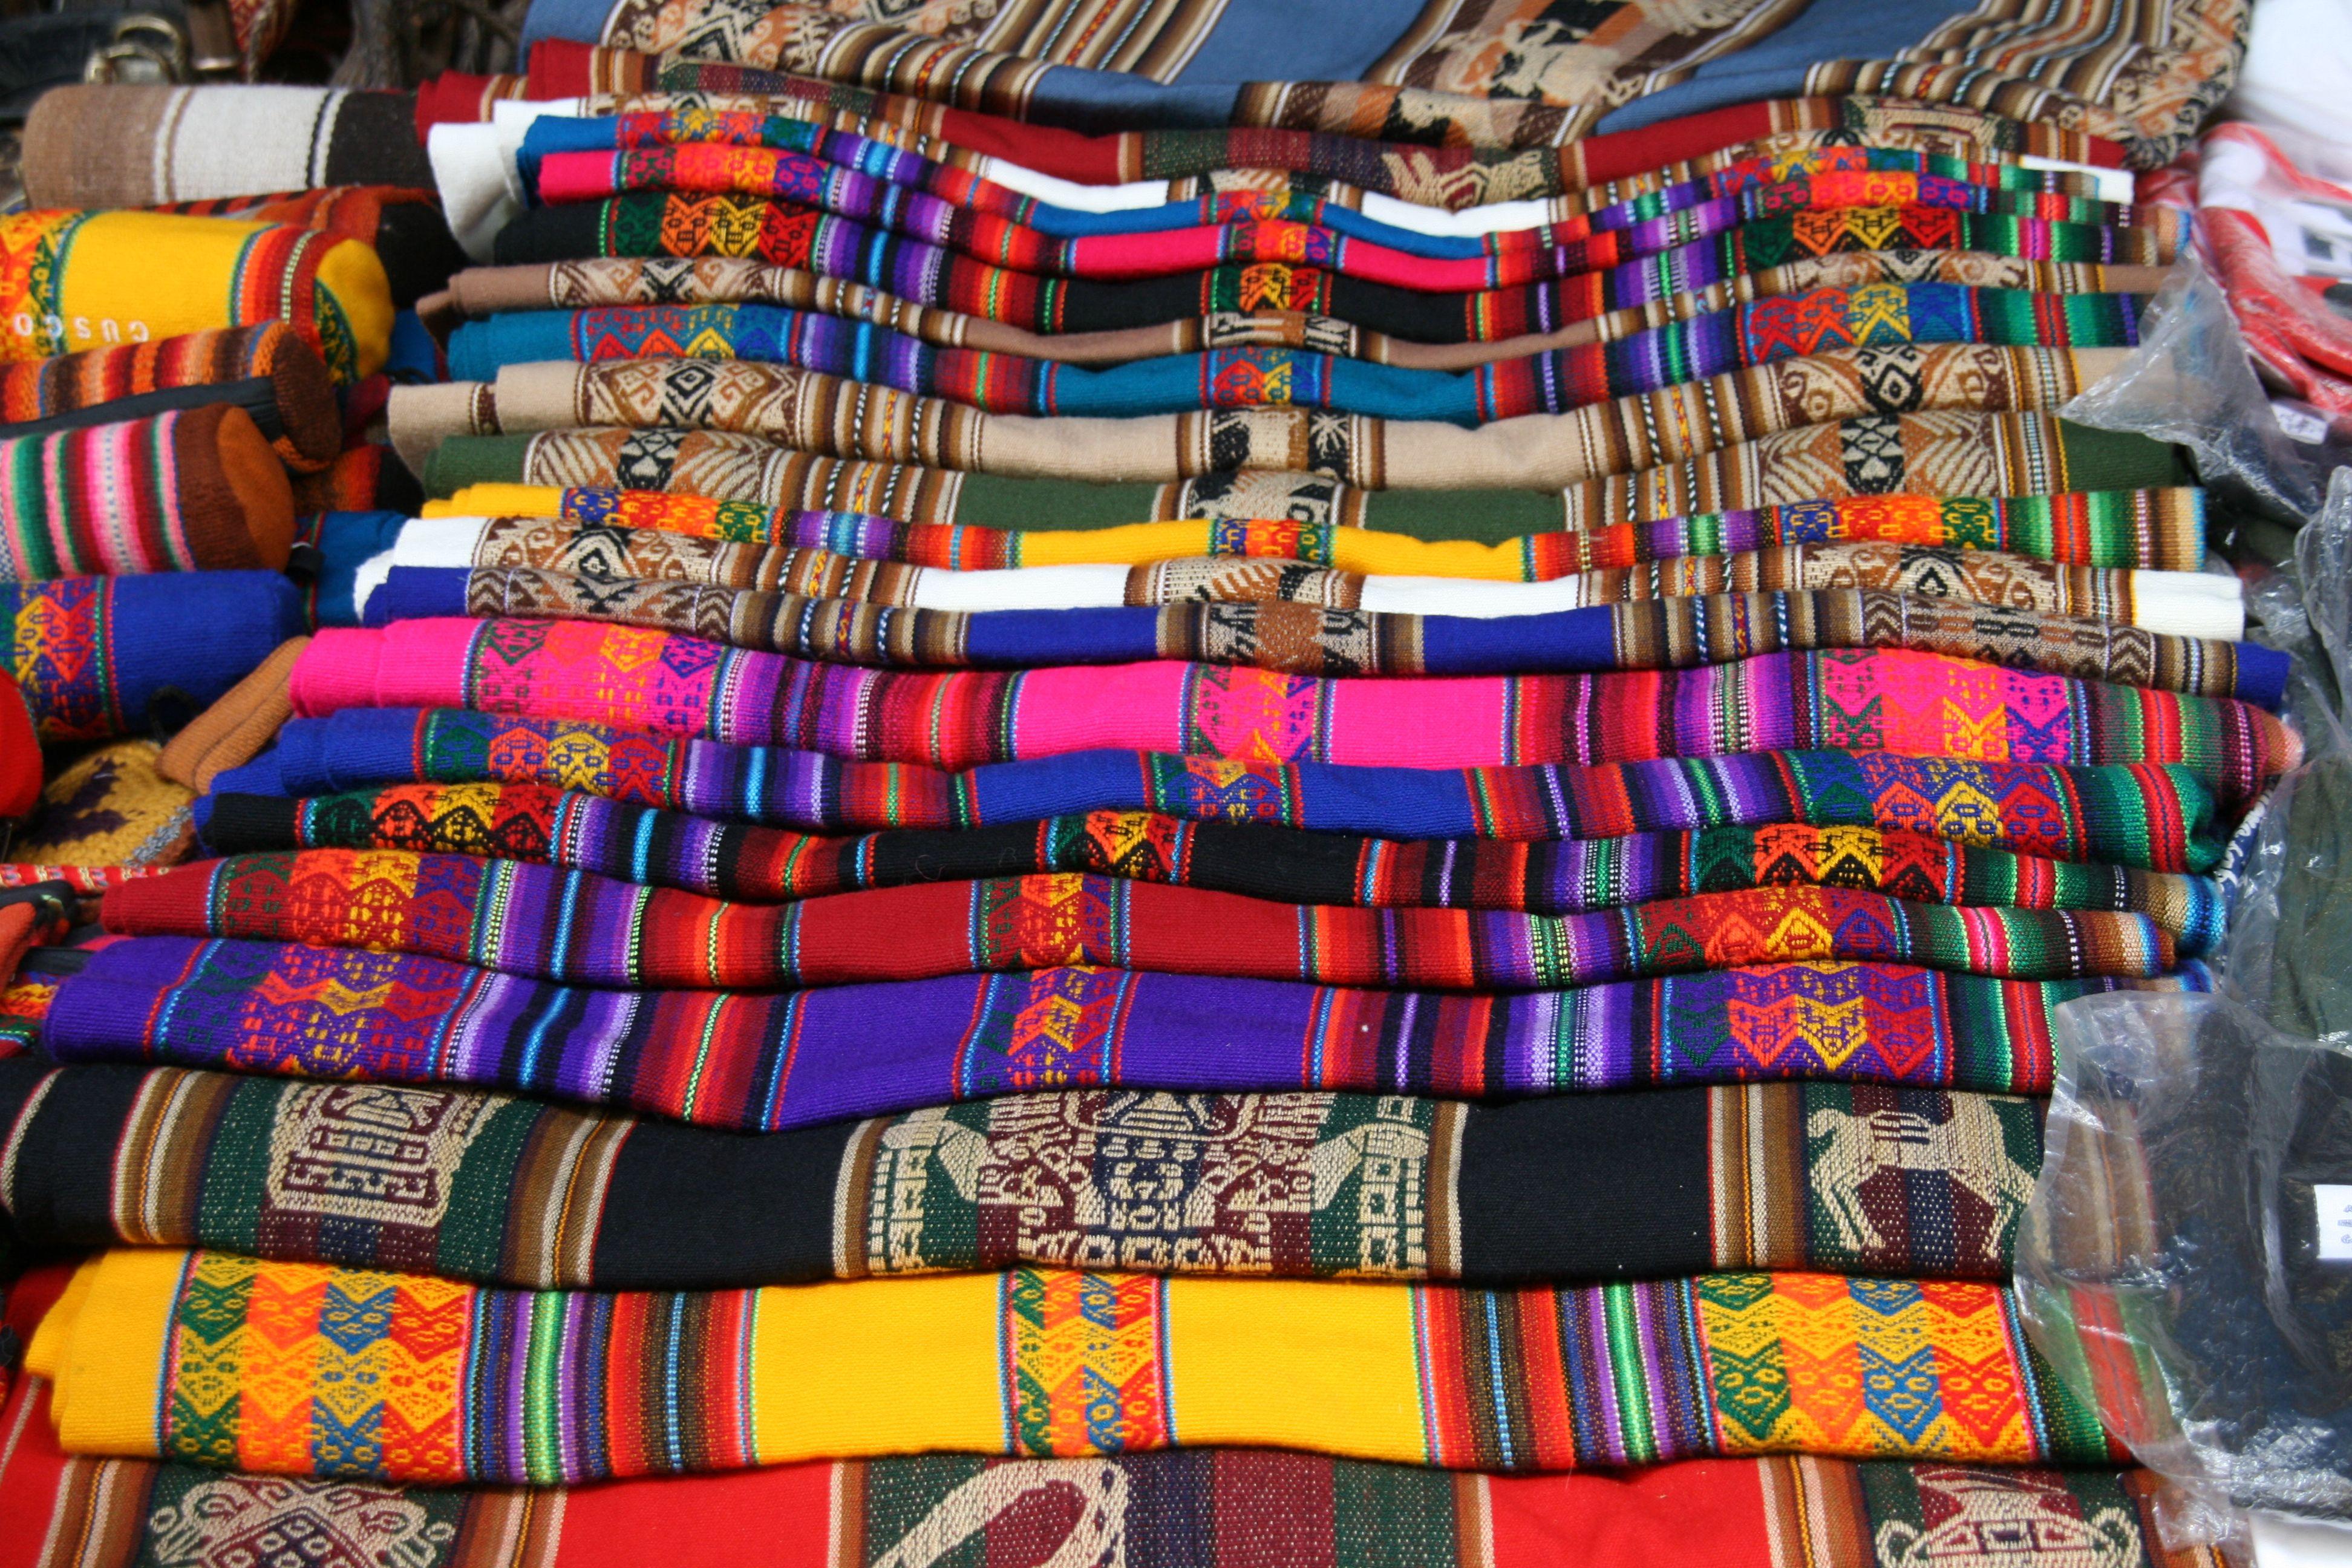 De beroemde kleurrijke markt van Pisaq. Foto: G.J. Koppenaal - 13/2/2011